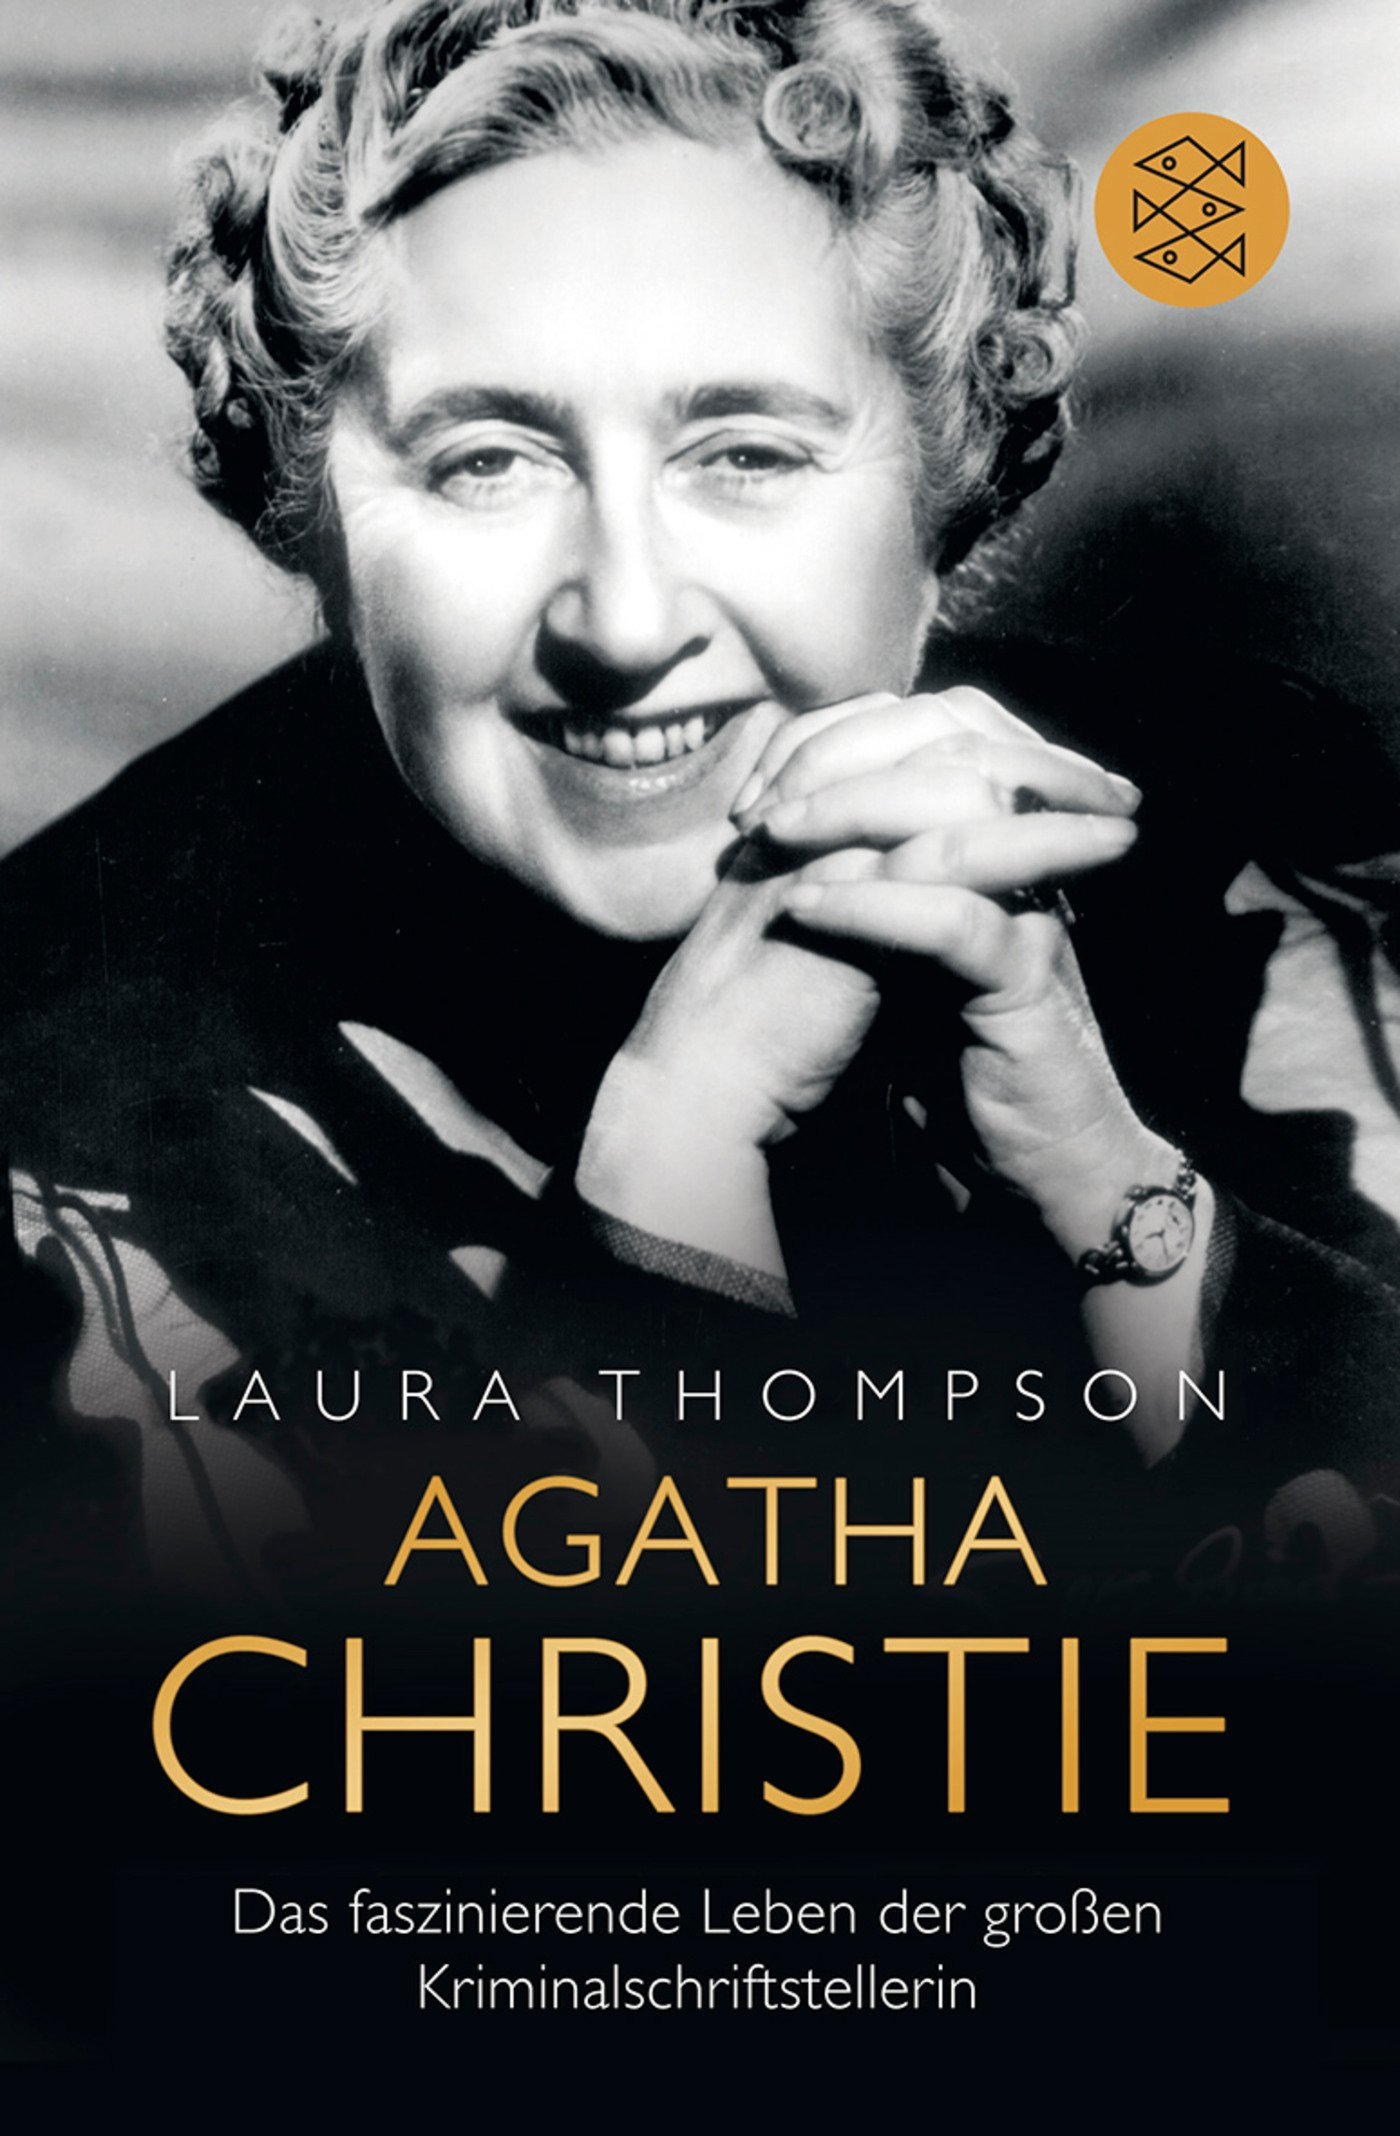 Agatha Christie: Das faszinierende Leben der großen Kriminalschriftstellerin